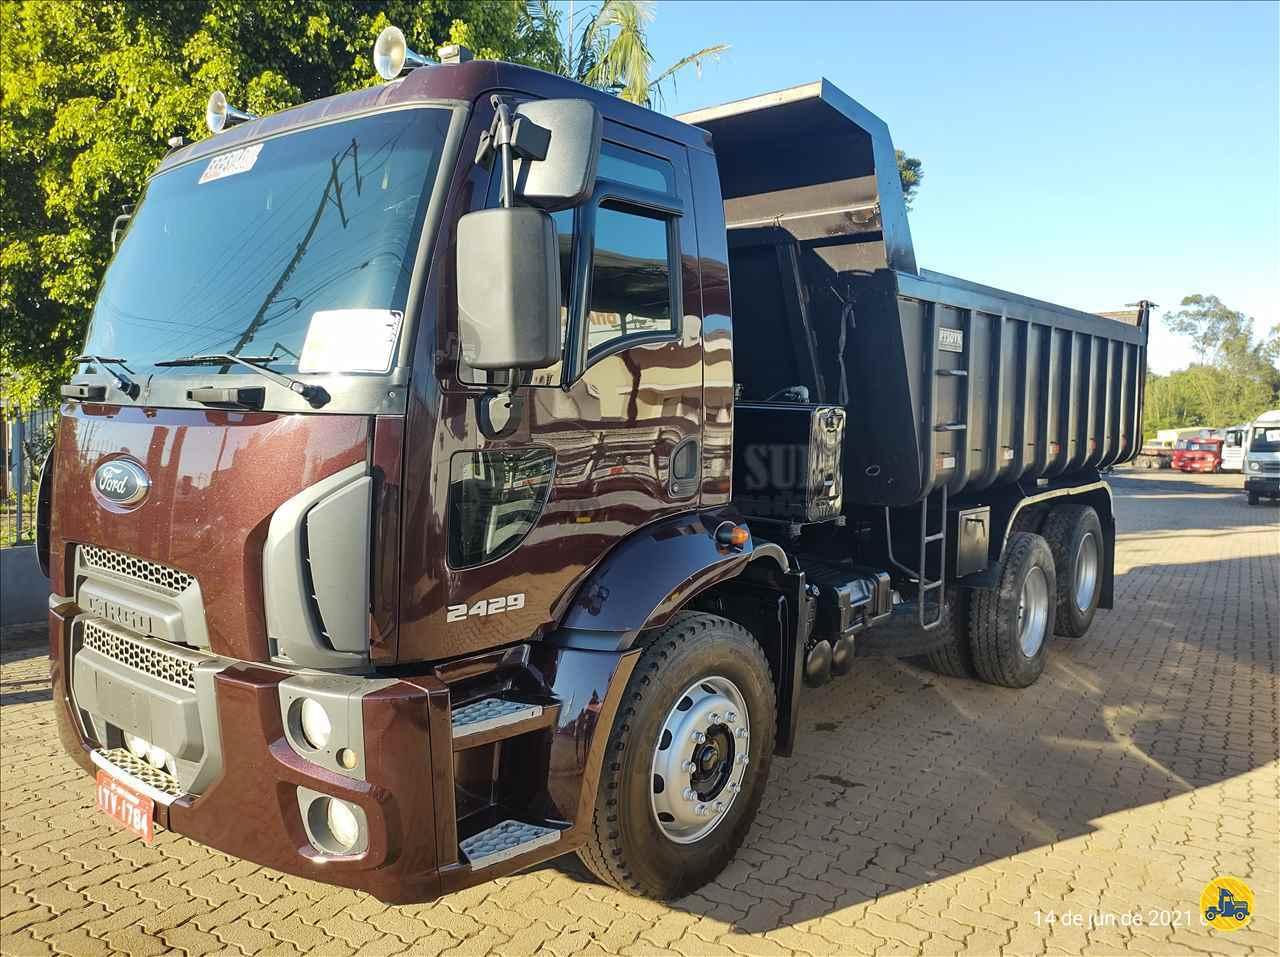 CAMINHAO FORD CARGO 2429 Caçamba Basculante Truck 6x2 Brasil Sul Caminhões PORTAO RIO GRANDE DO SUL RS